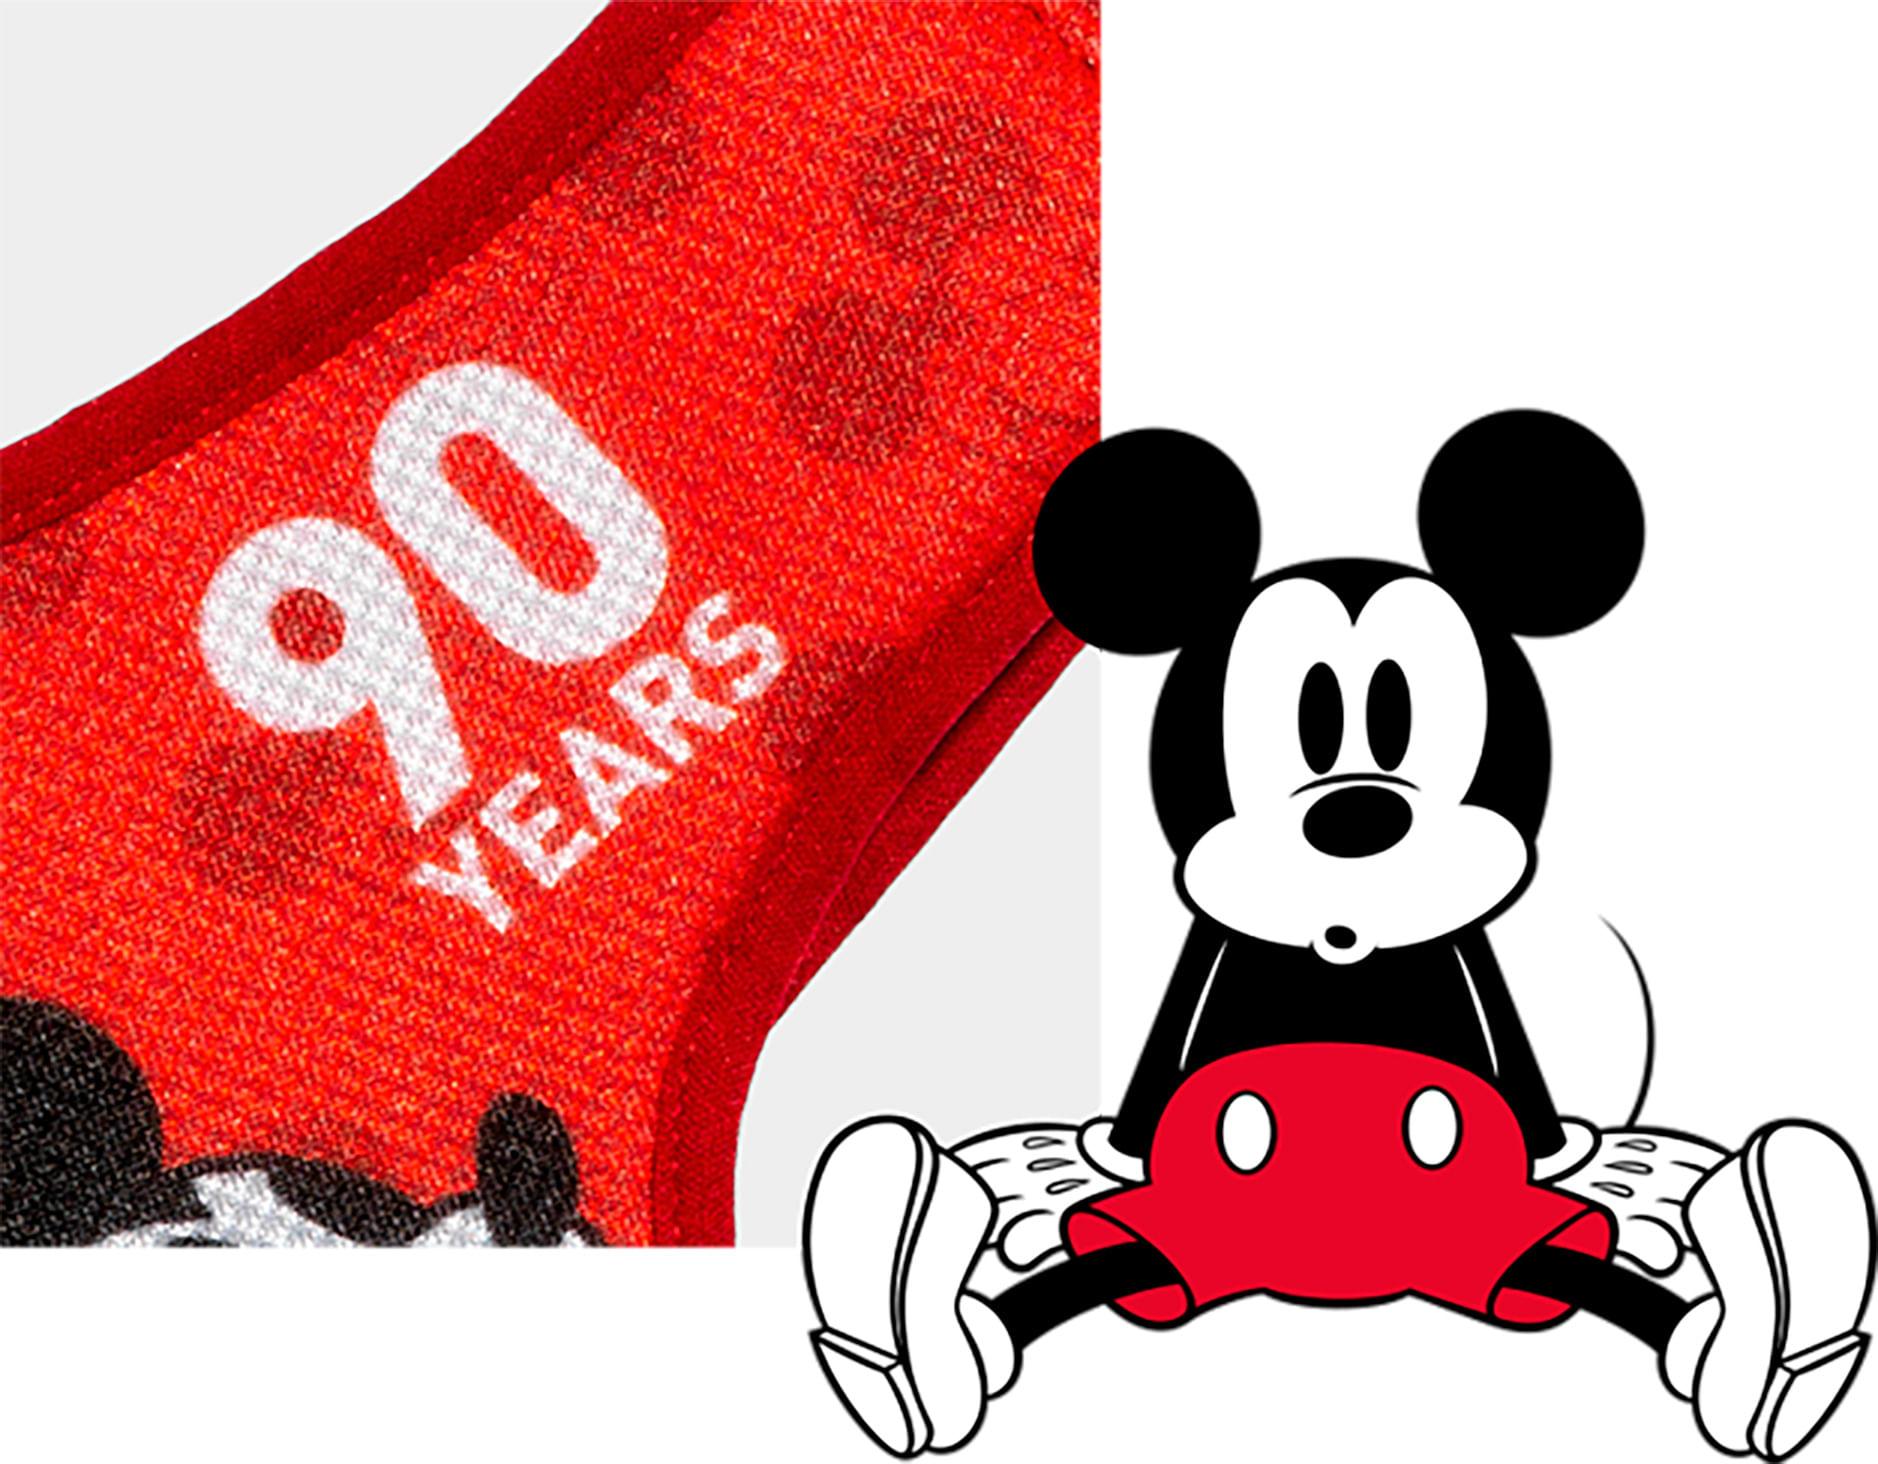 Peitoral Mesh Plus para Cachorros Estampa Mickey Vermelho Comemoração 90 anos - Zee.Dog